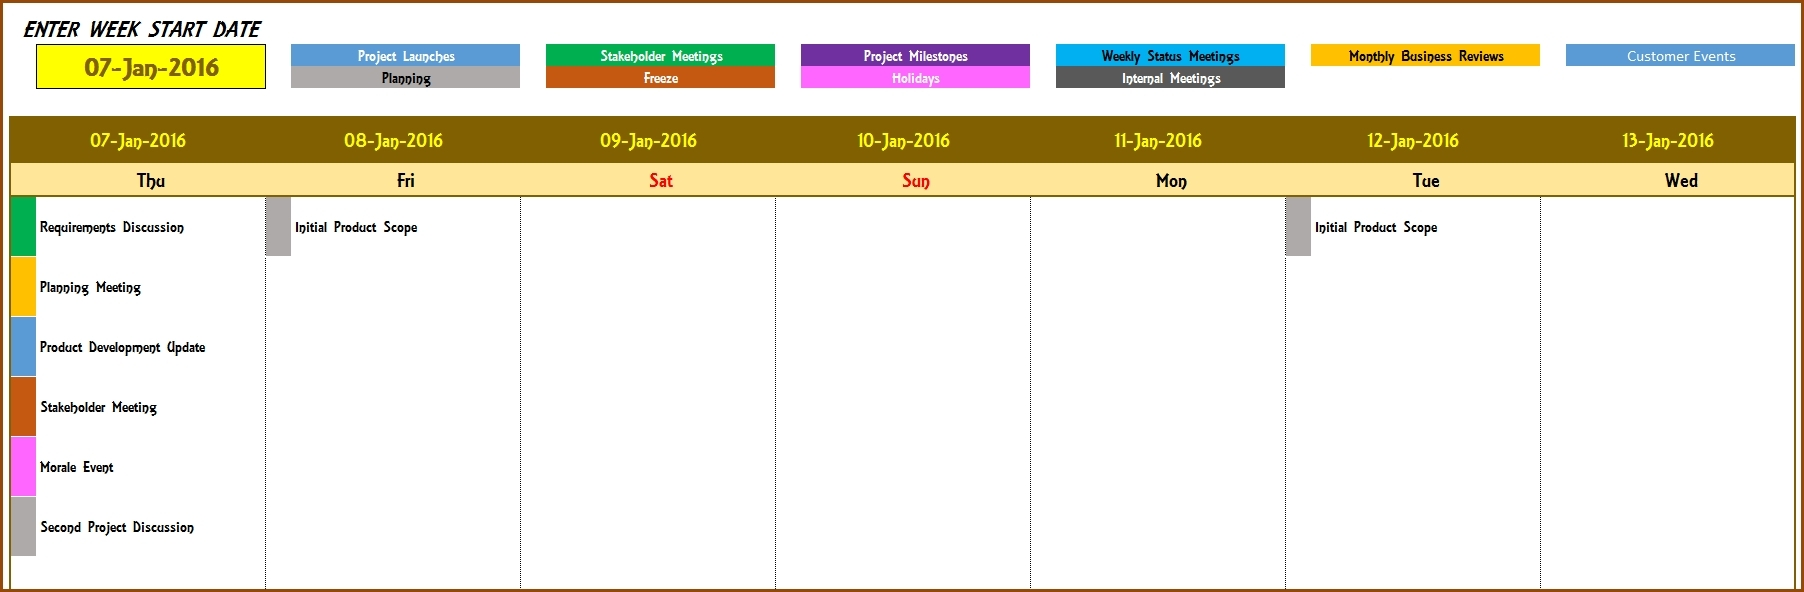 2016 Weekly Calendar Event Calendar Maker Excel Template Event throughout Template For An Event Calendar